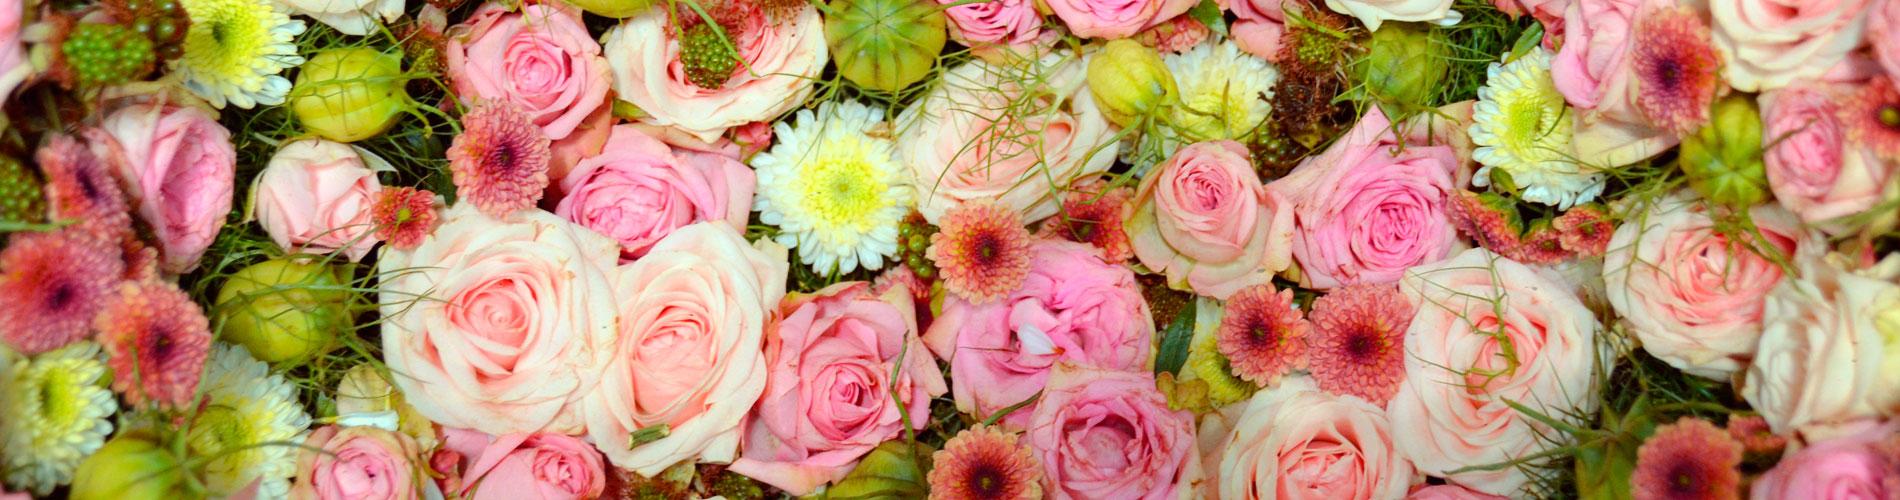 flower02wp